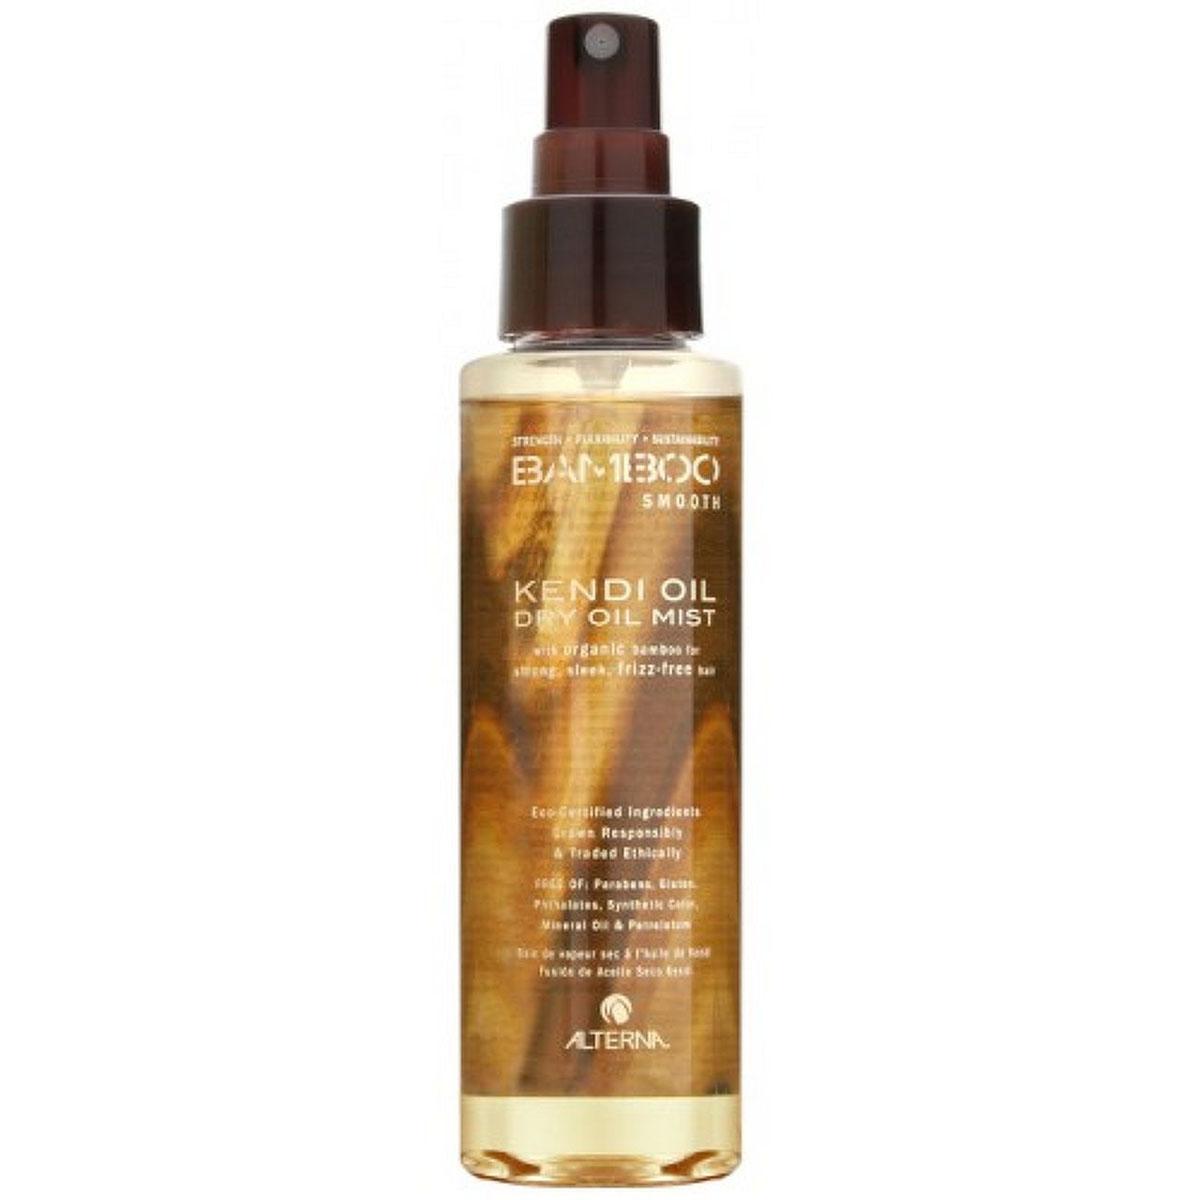 Alterna Невесомое масло-спрей для ухода за волосами Bamboo Smooth Kendi Dry Oil Mist - 125 млБ33041_шампунь-барбарис и липа, скраб -черная смородинаМасло Кенди, входящее в состав Alterna Bamboo Smooth Kendi Dry Oil Mist, помогает разгладить волосы и устранить их пушистость. Обладает термозащитой, так же используется для продления срока действия процедуры выпрямления волос. Результат: Alterna Bamboo Smooth Kendi Dry Oil Mist насыщает волосы питательными веществами и антиоксидантами. Укрепляет волосы. Благодаря технологии Color Hold обеспечивает защиту цвета волос. Предотвращает запутывание, пушистость и завивание волос. Увеличивает срок действия процесса по выпрямлению и выравниванию волос. Обладает влагостойкими свойствами. Усиливает блеск волос.